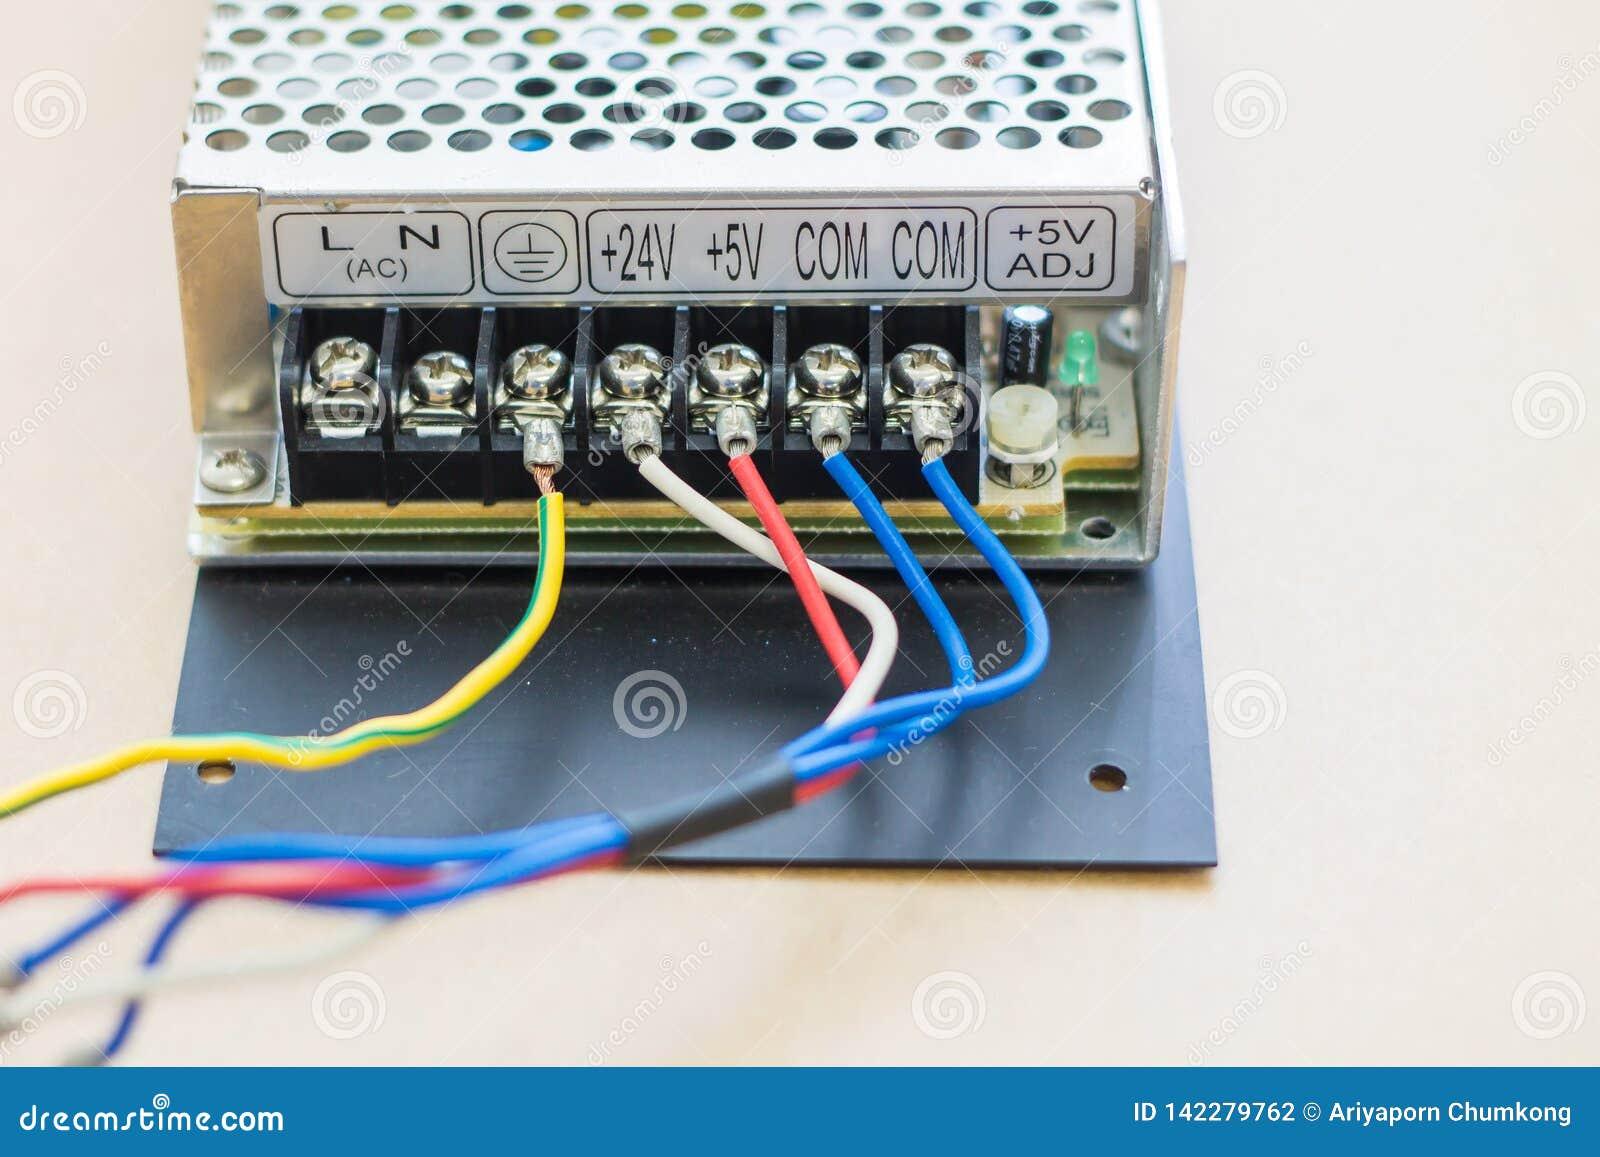 απομονωμένο λευκό μετατροπής παροχής ηλεκτρικού ρεύματος ανασκόπησης κινηματογράφηση σε πρώτο πλάνο